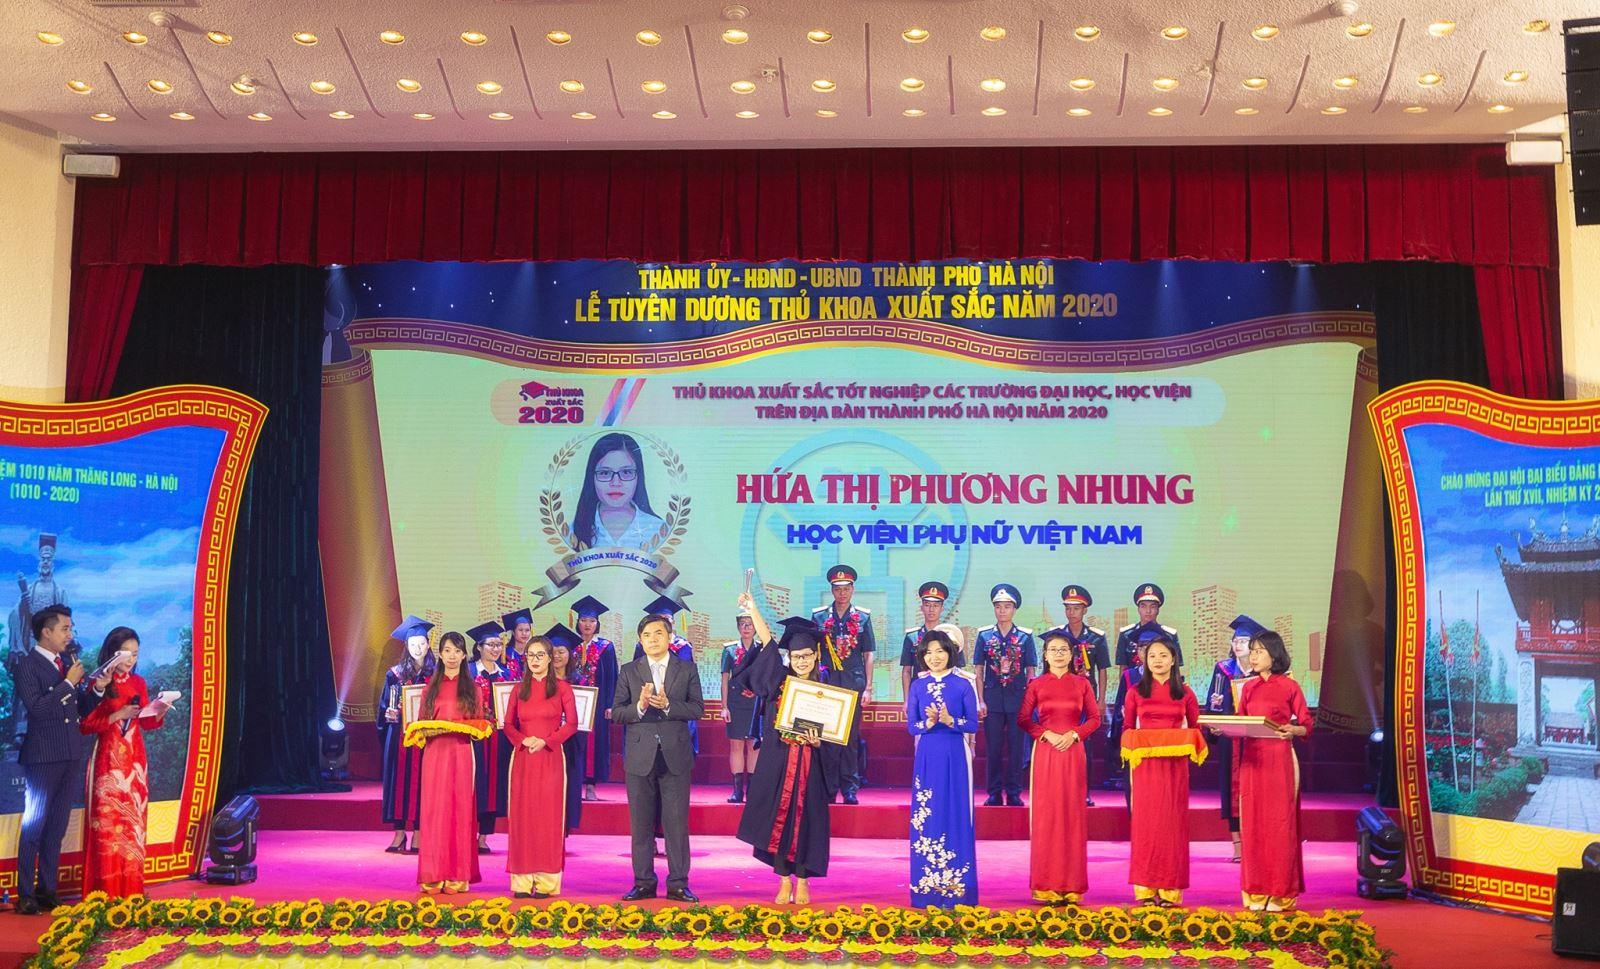 Tân Thủ khoa Hứa Thị Phương Nhung của Học viện Phụ nữ Việt Nam được vinh danh Thủ khoa xuất sắc năm 2020